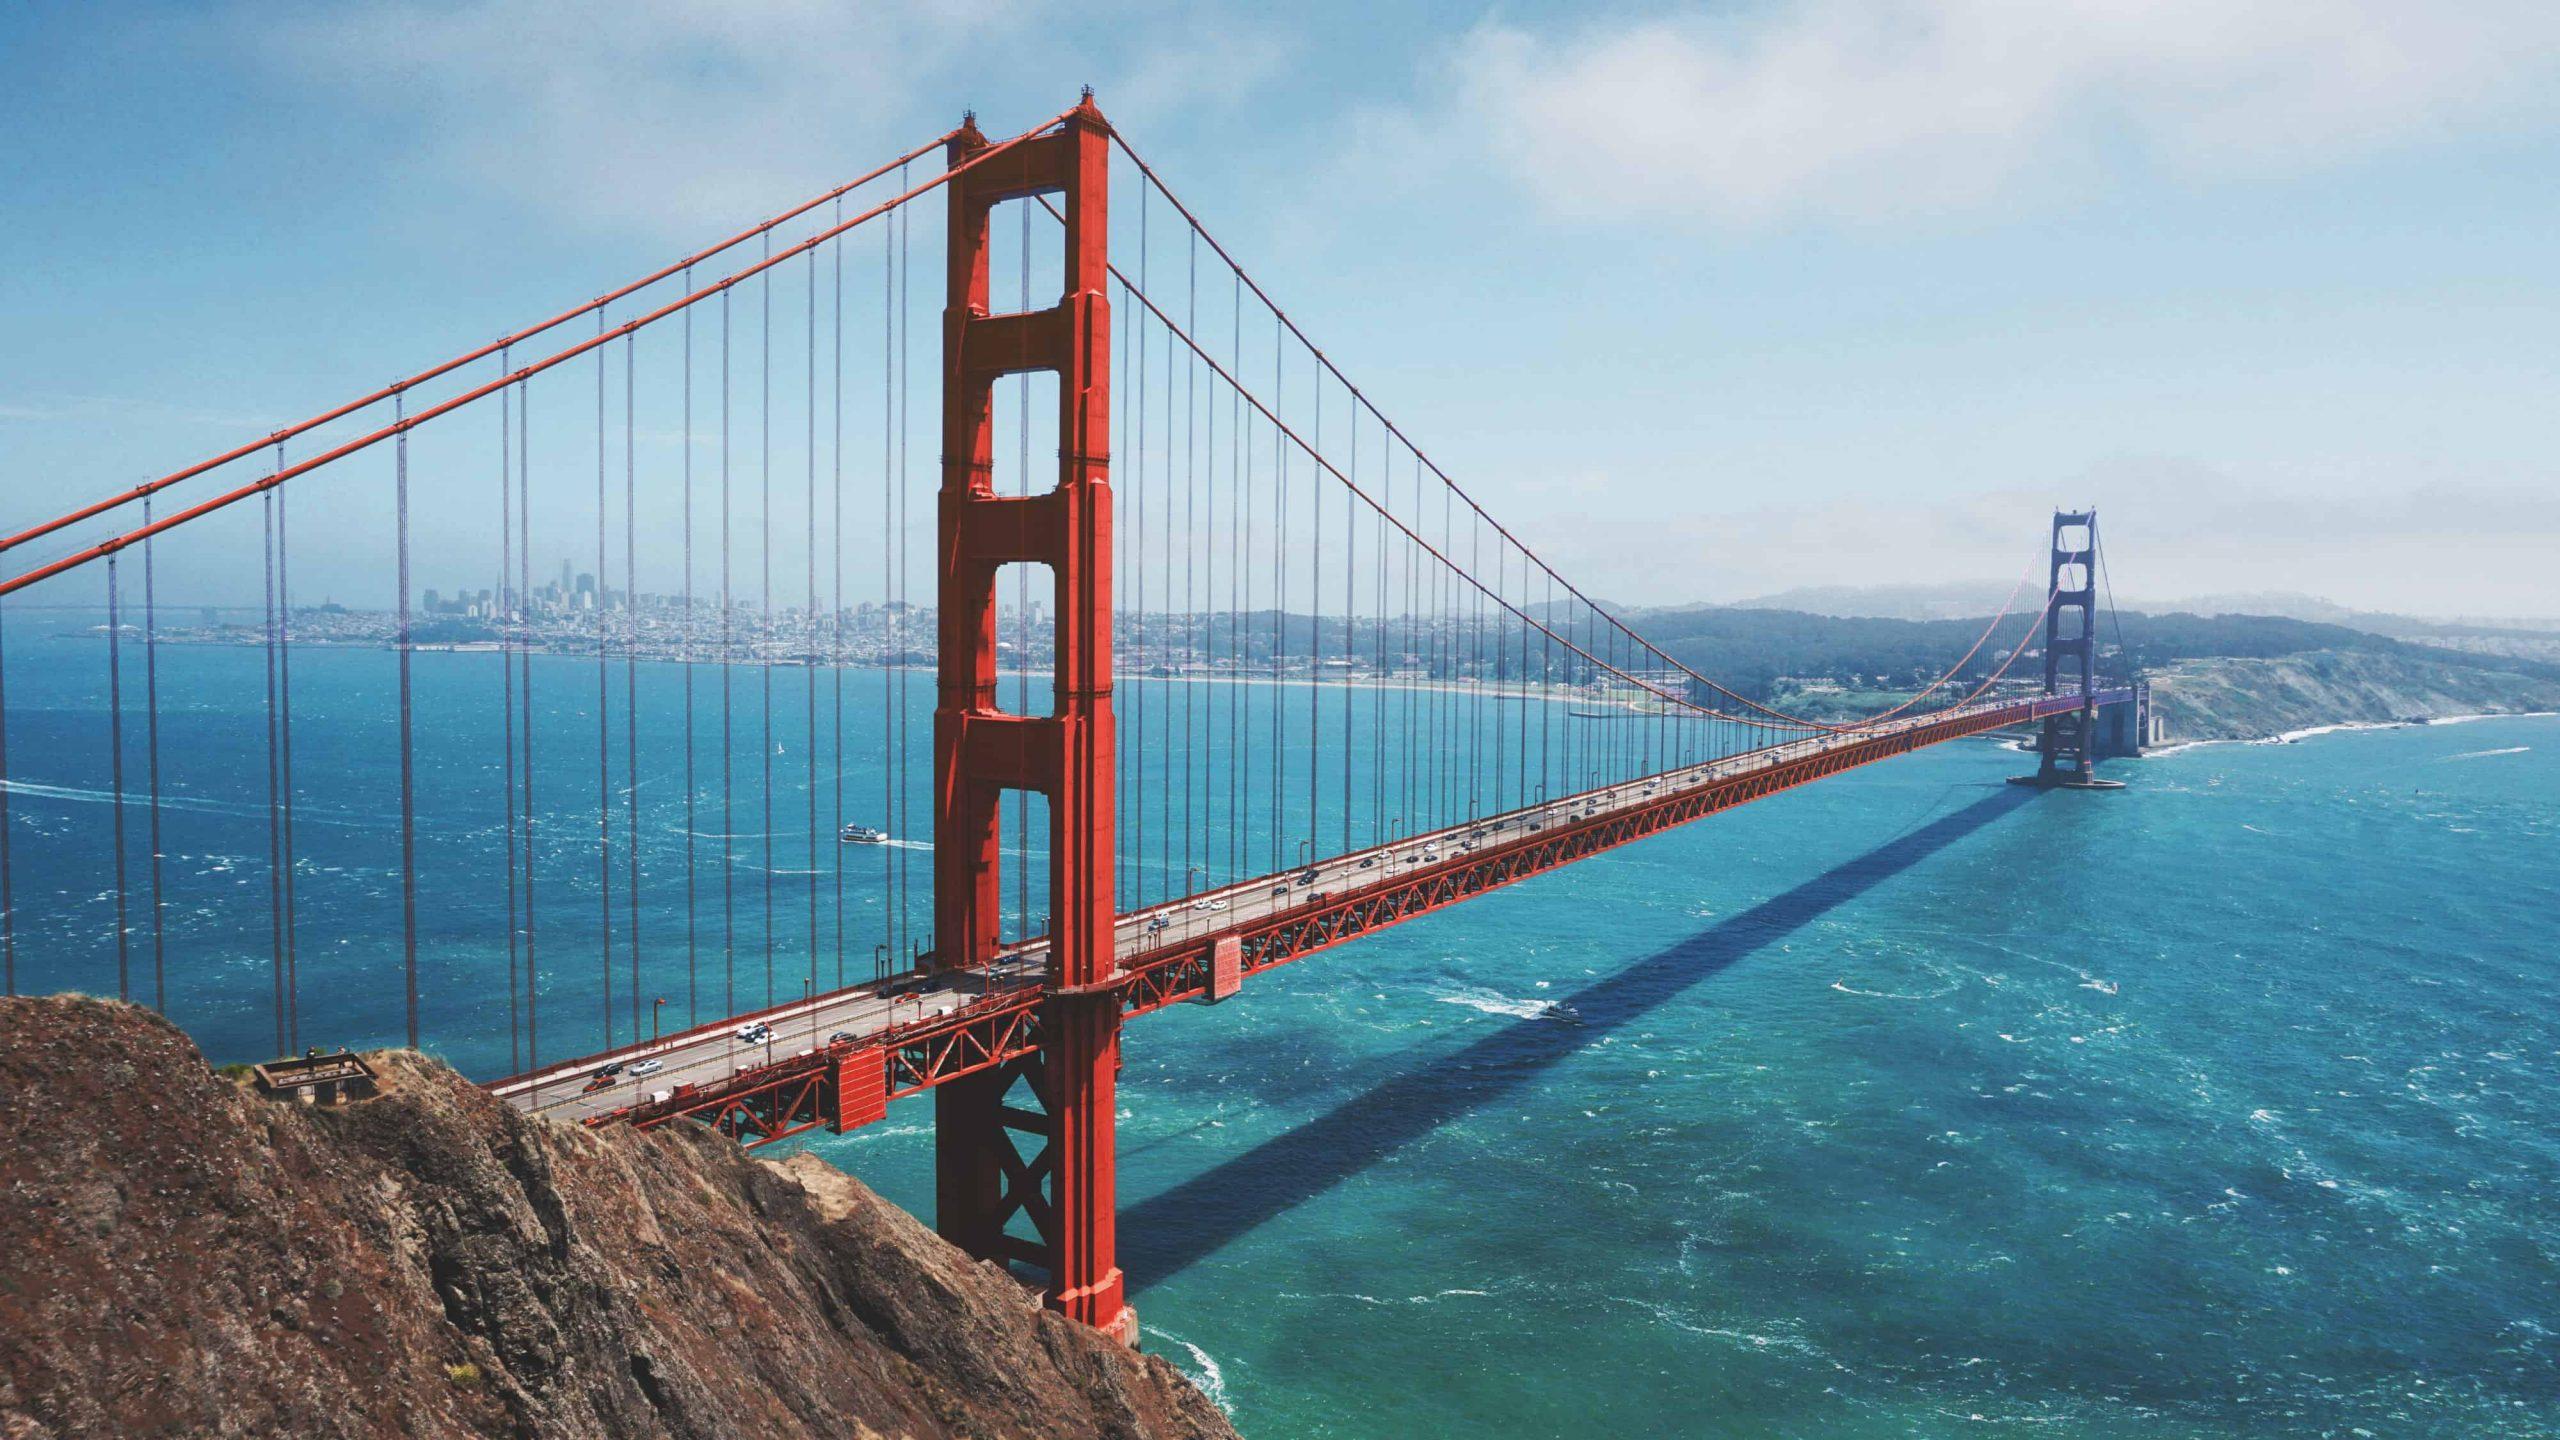 Rundreise Kalifornien: Empfehlungen & Vergleich (01/21)